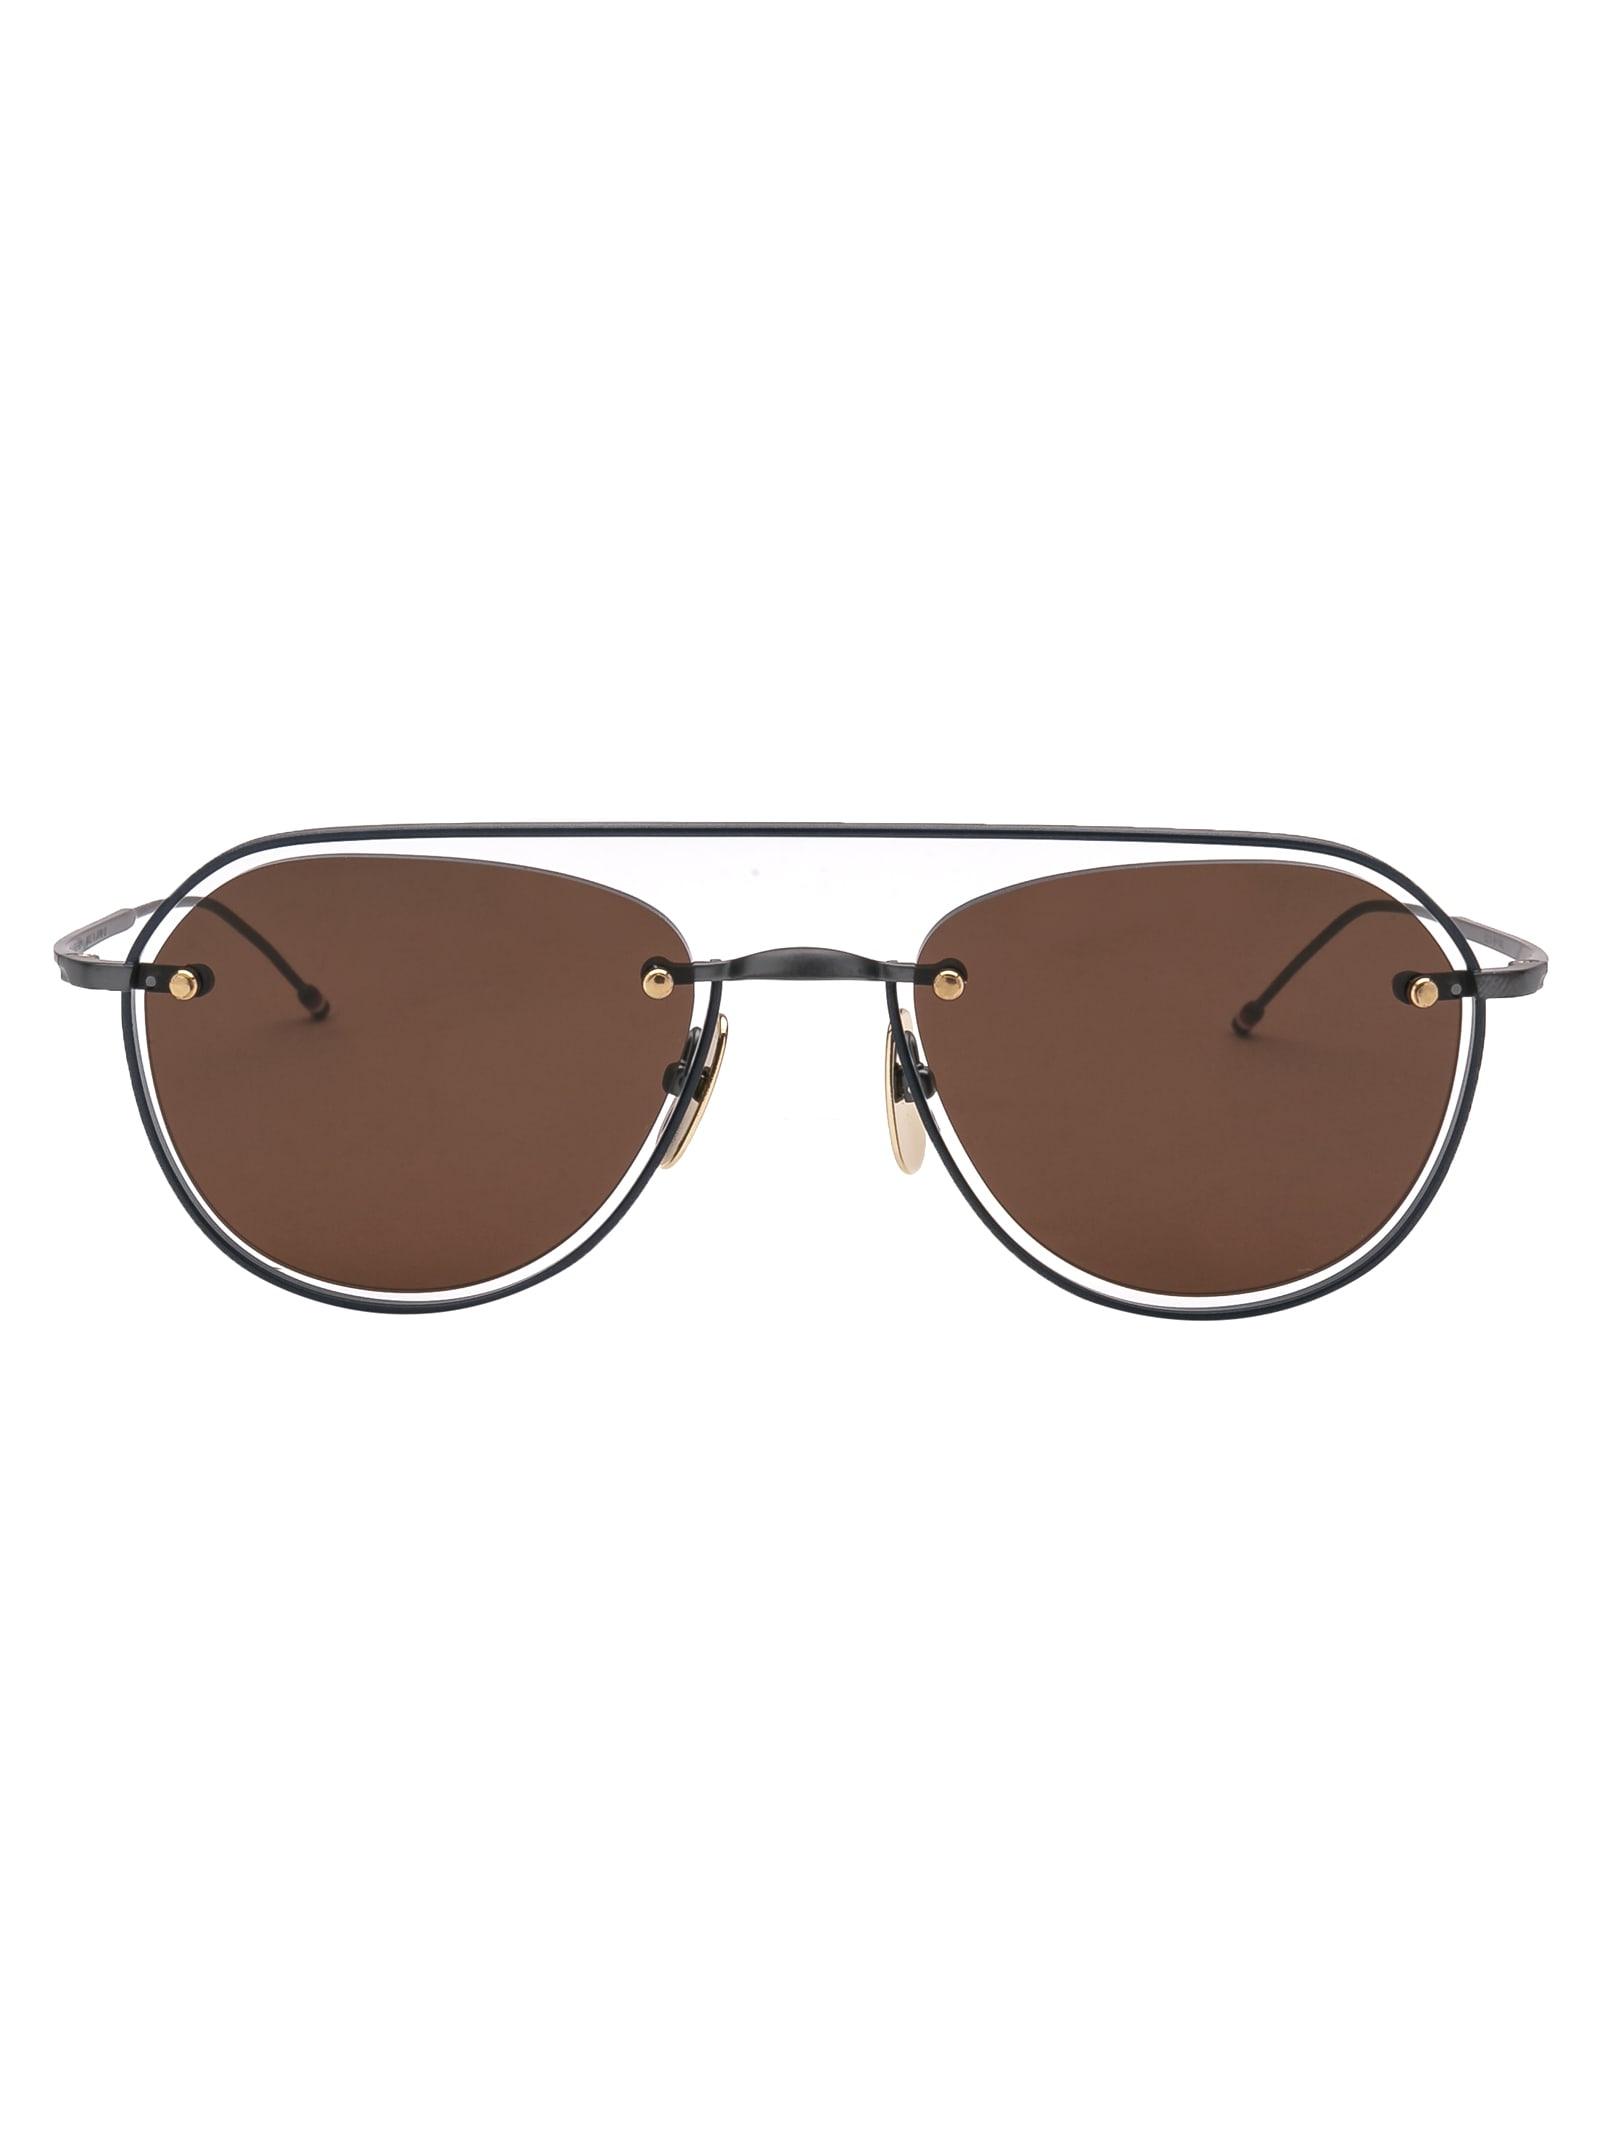 Tb-112 Sunglasses